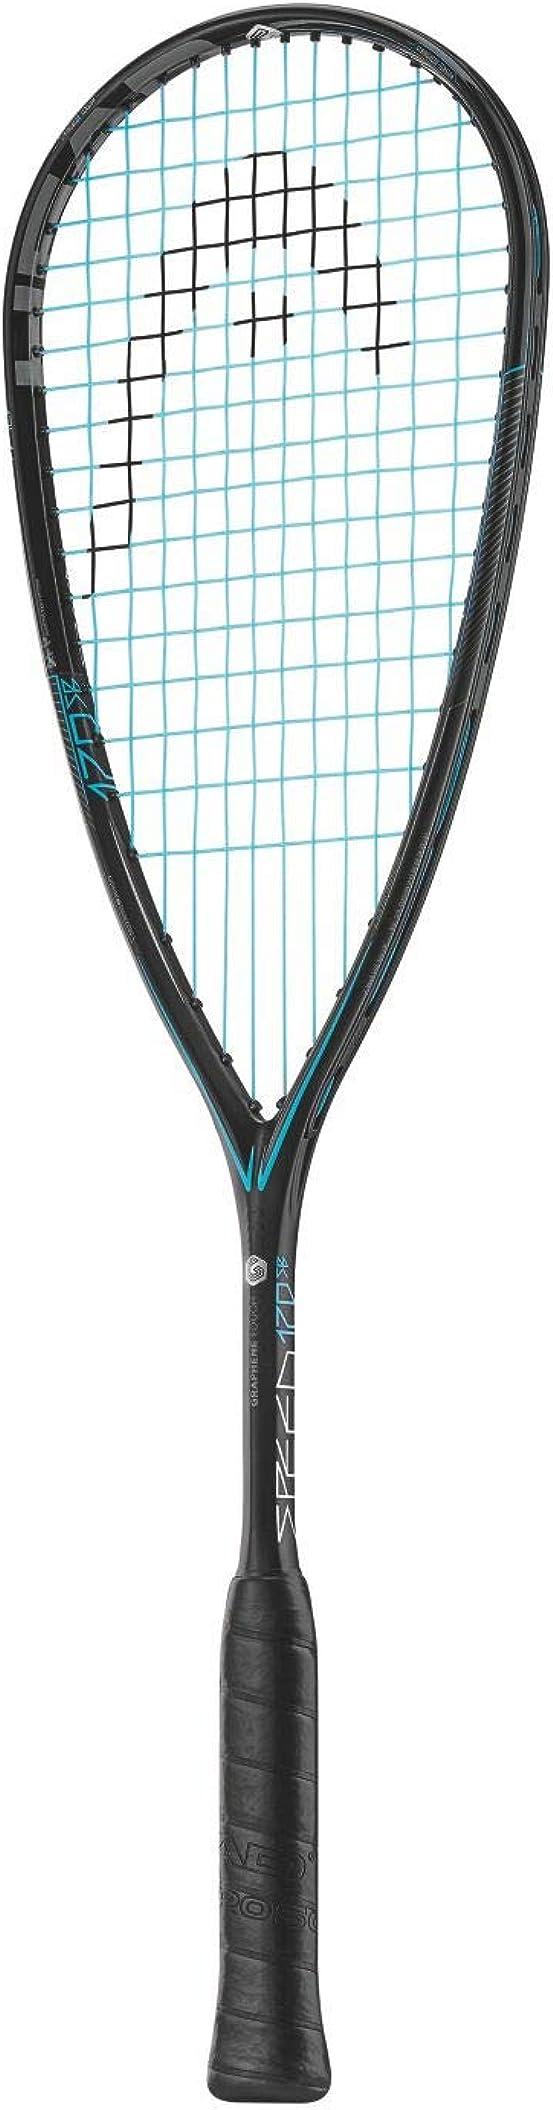 Racchetta da squash, versatile, in grafene lavorato head, 211047